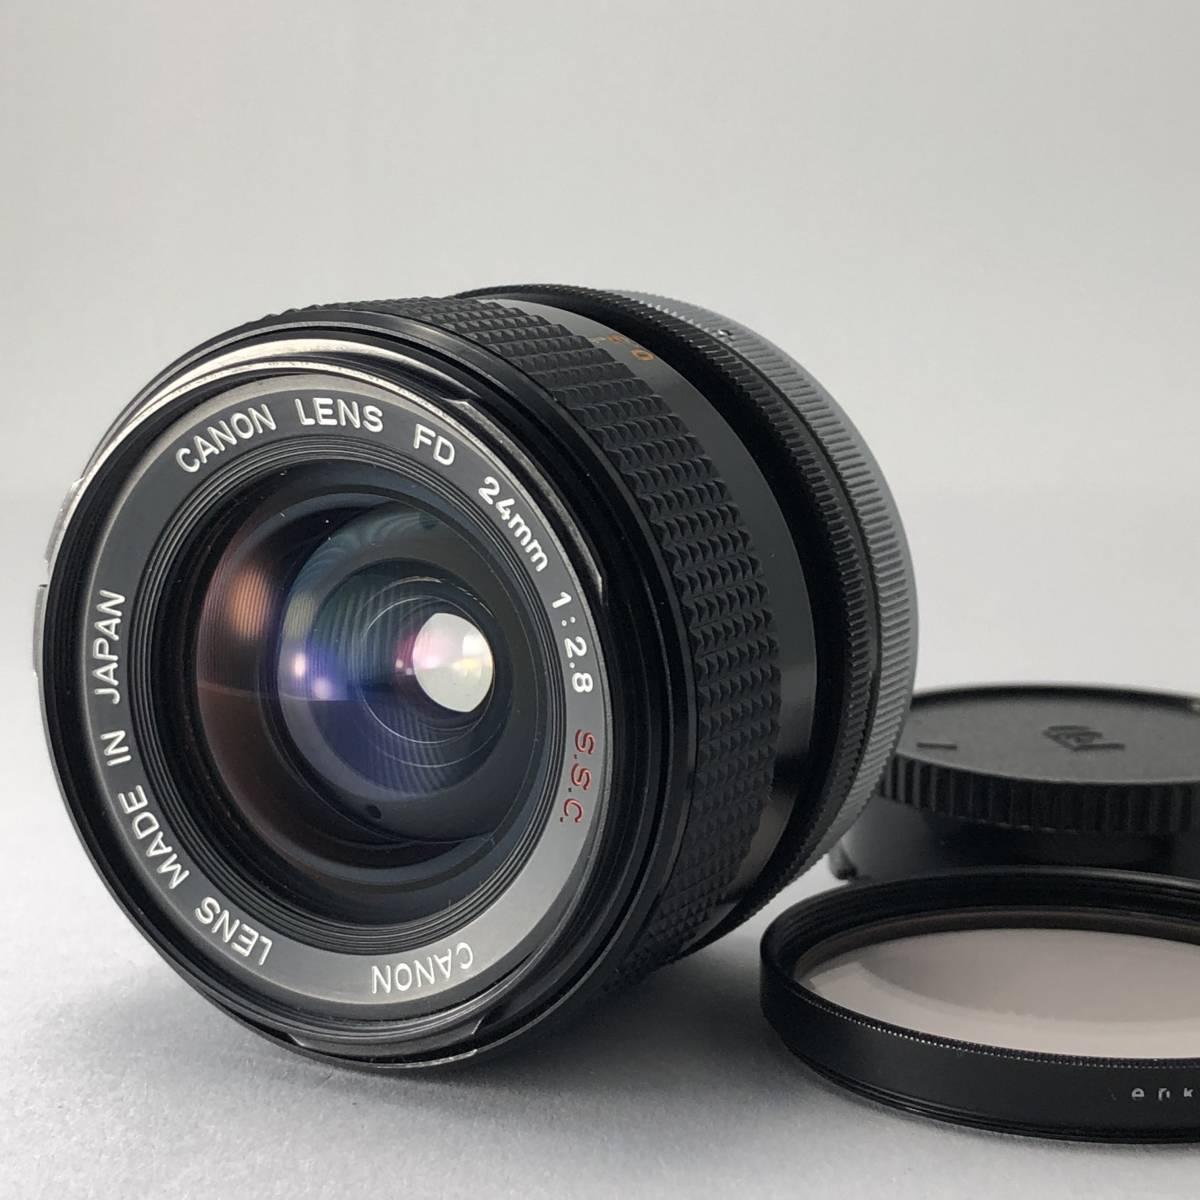 キャノン Canon FTb カメラ FD S.S.C. SSC 50mm 1.4 / FD S.S.C. SSC 24mm 2.8 / FD 35-105mm 3.5 レンズ セット no.A1_画像6